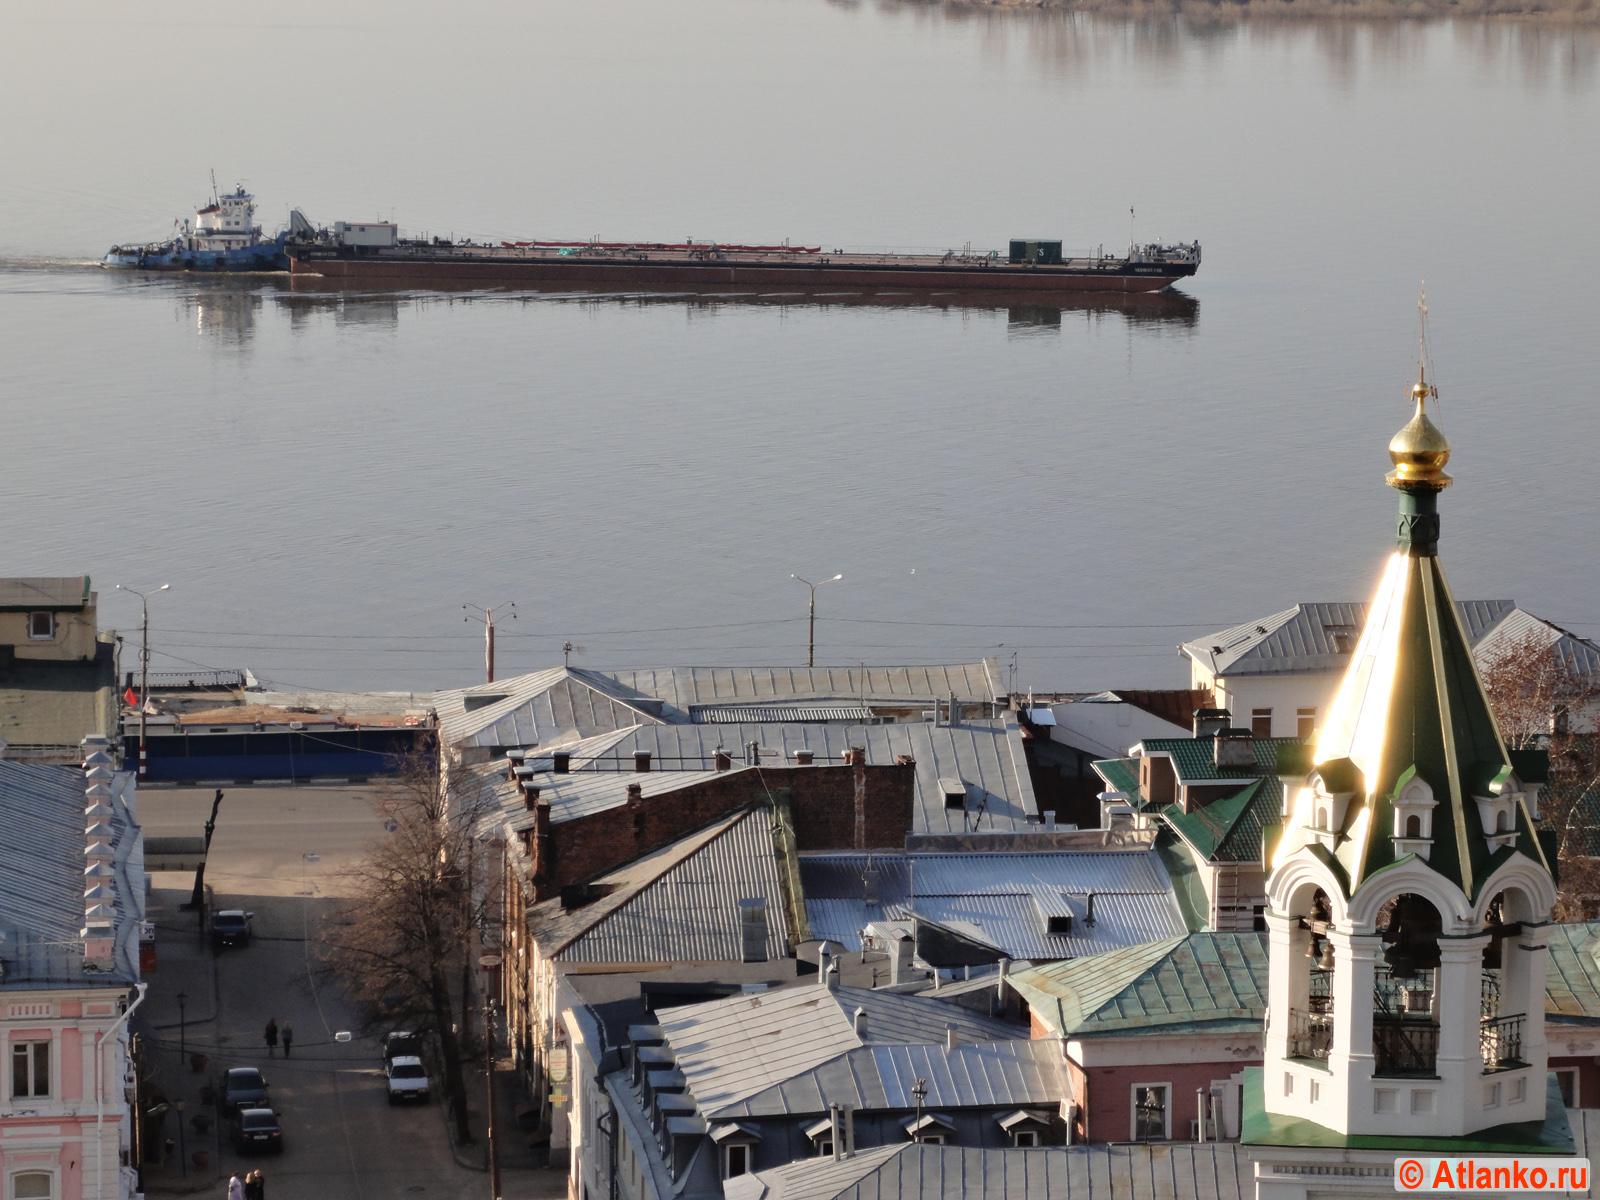 Баржа на реке Волга около Стрелки, напротив Нижегородского Кремля. Нижний Новгород. Фотография